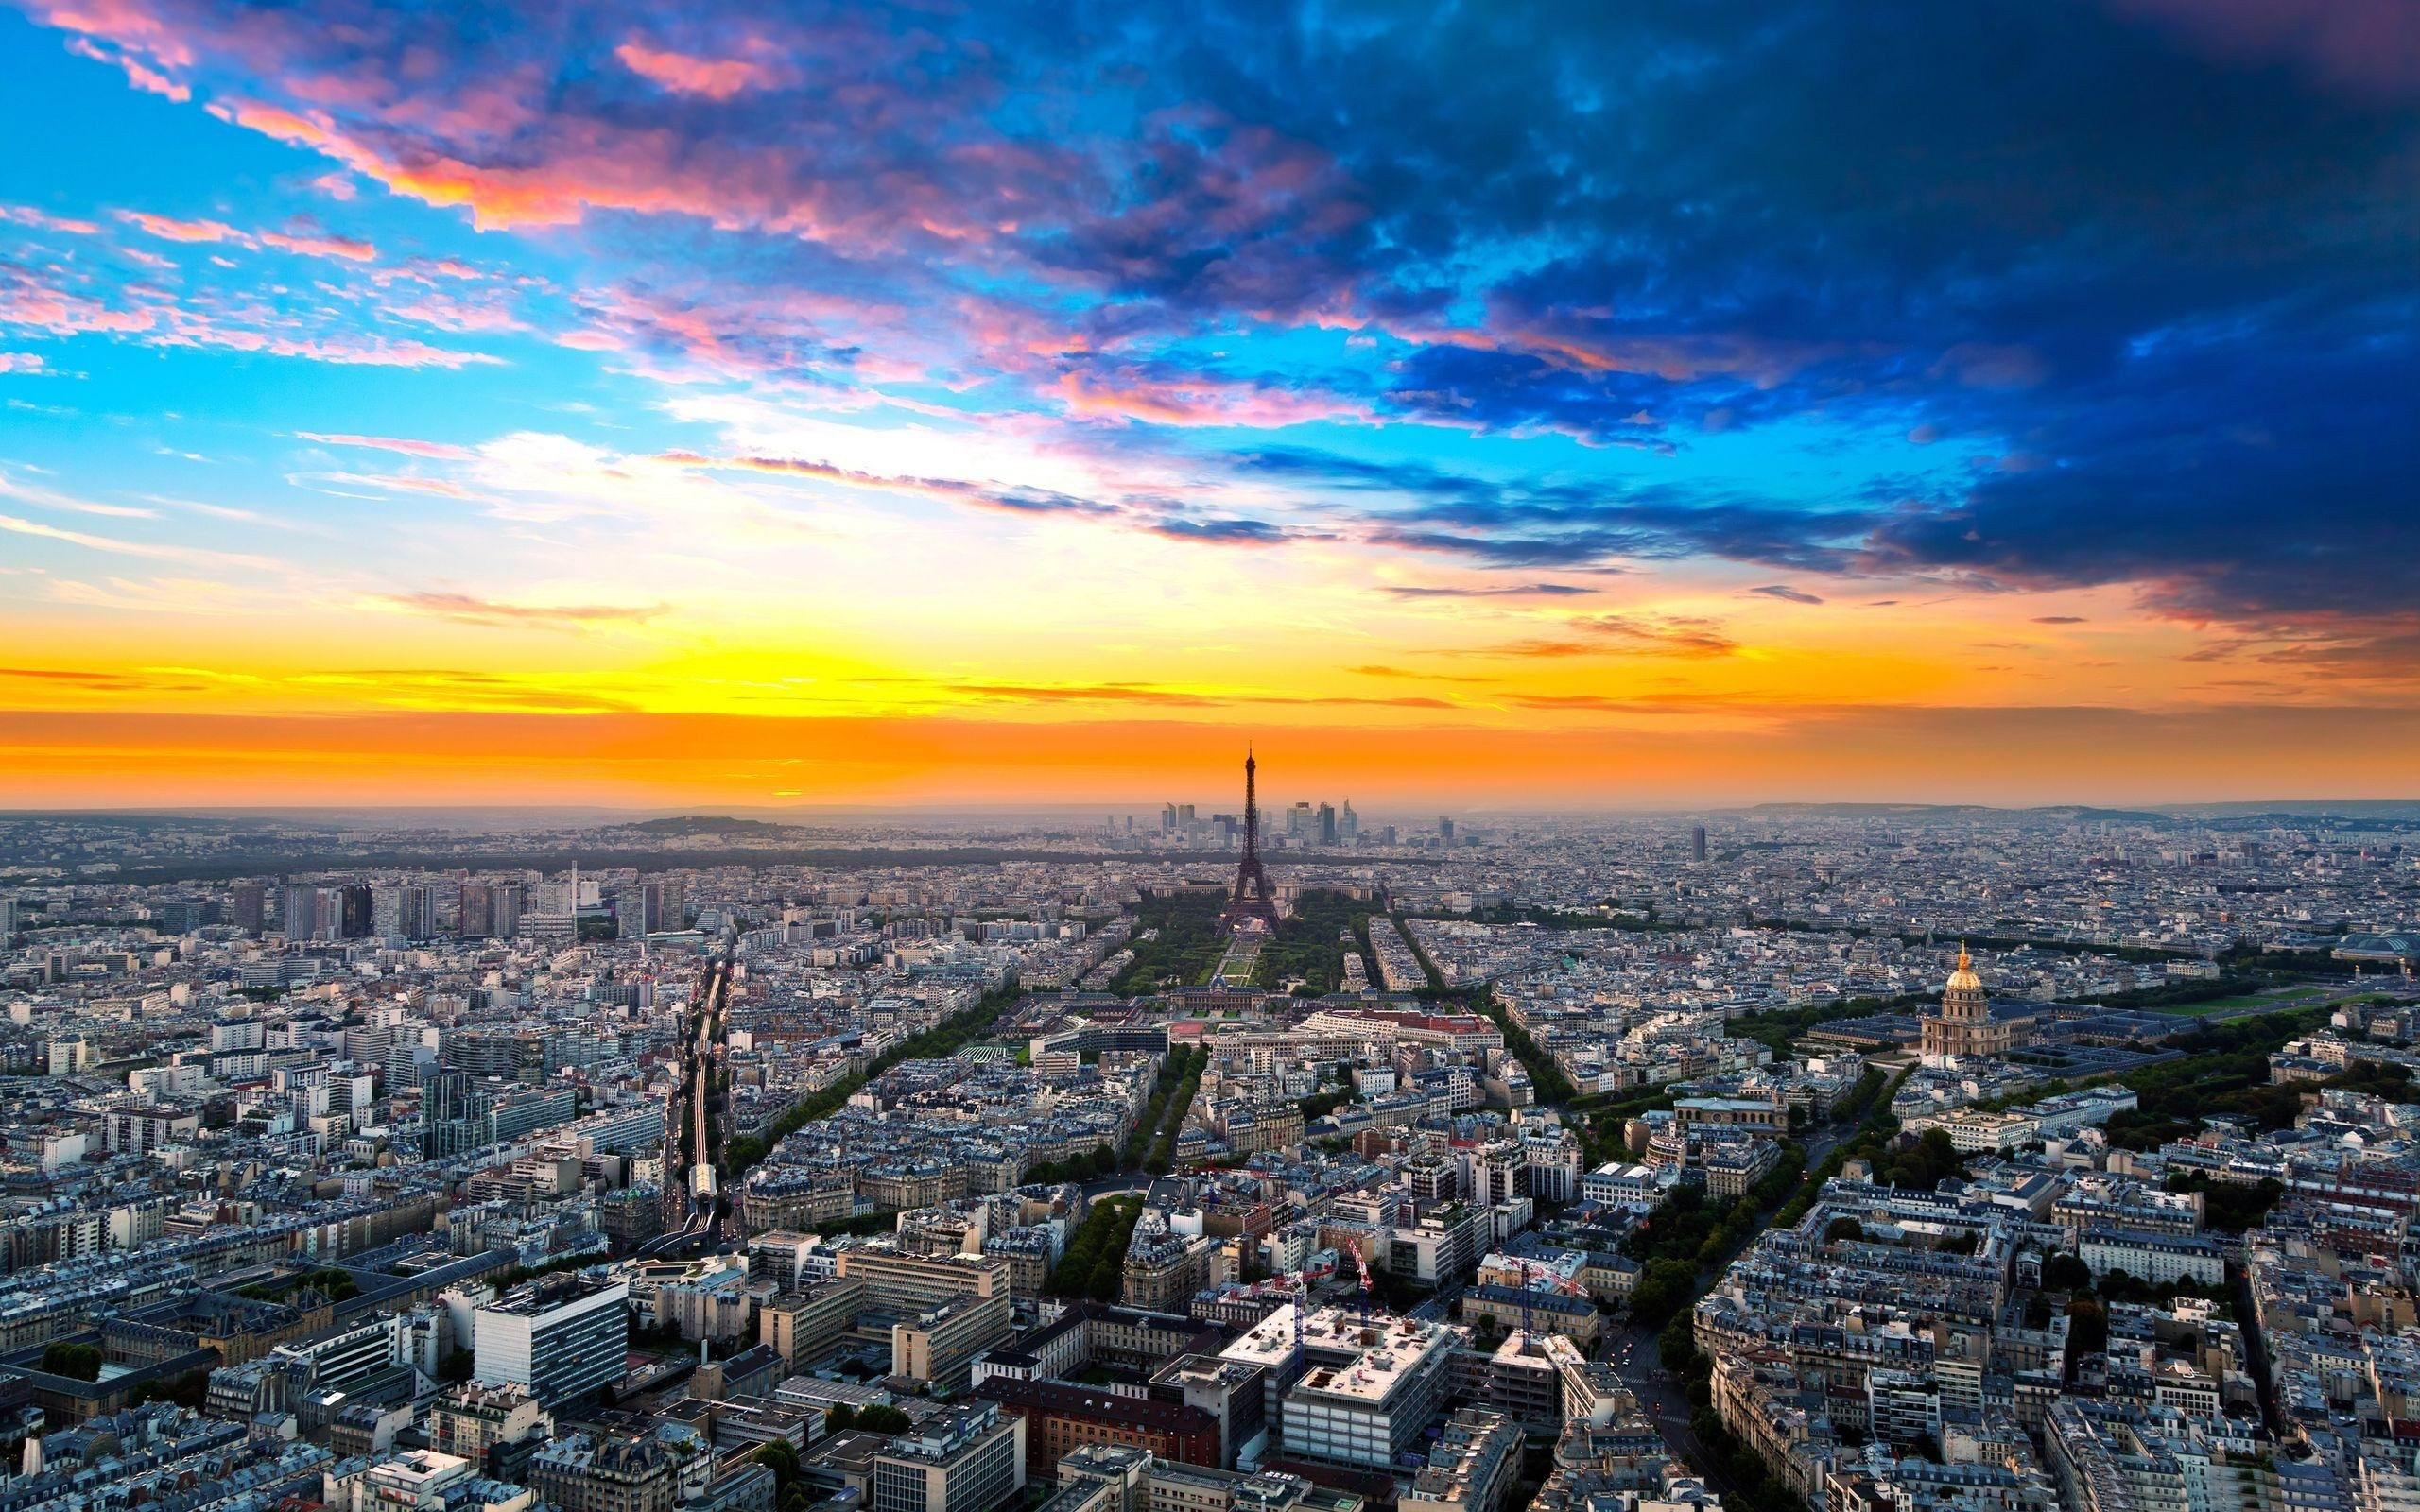 パリの街並み フランスの風景壁紙プレビュー 10wallpaper Com